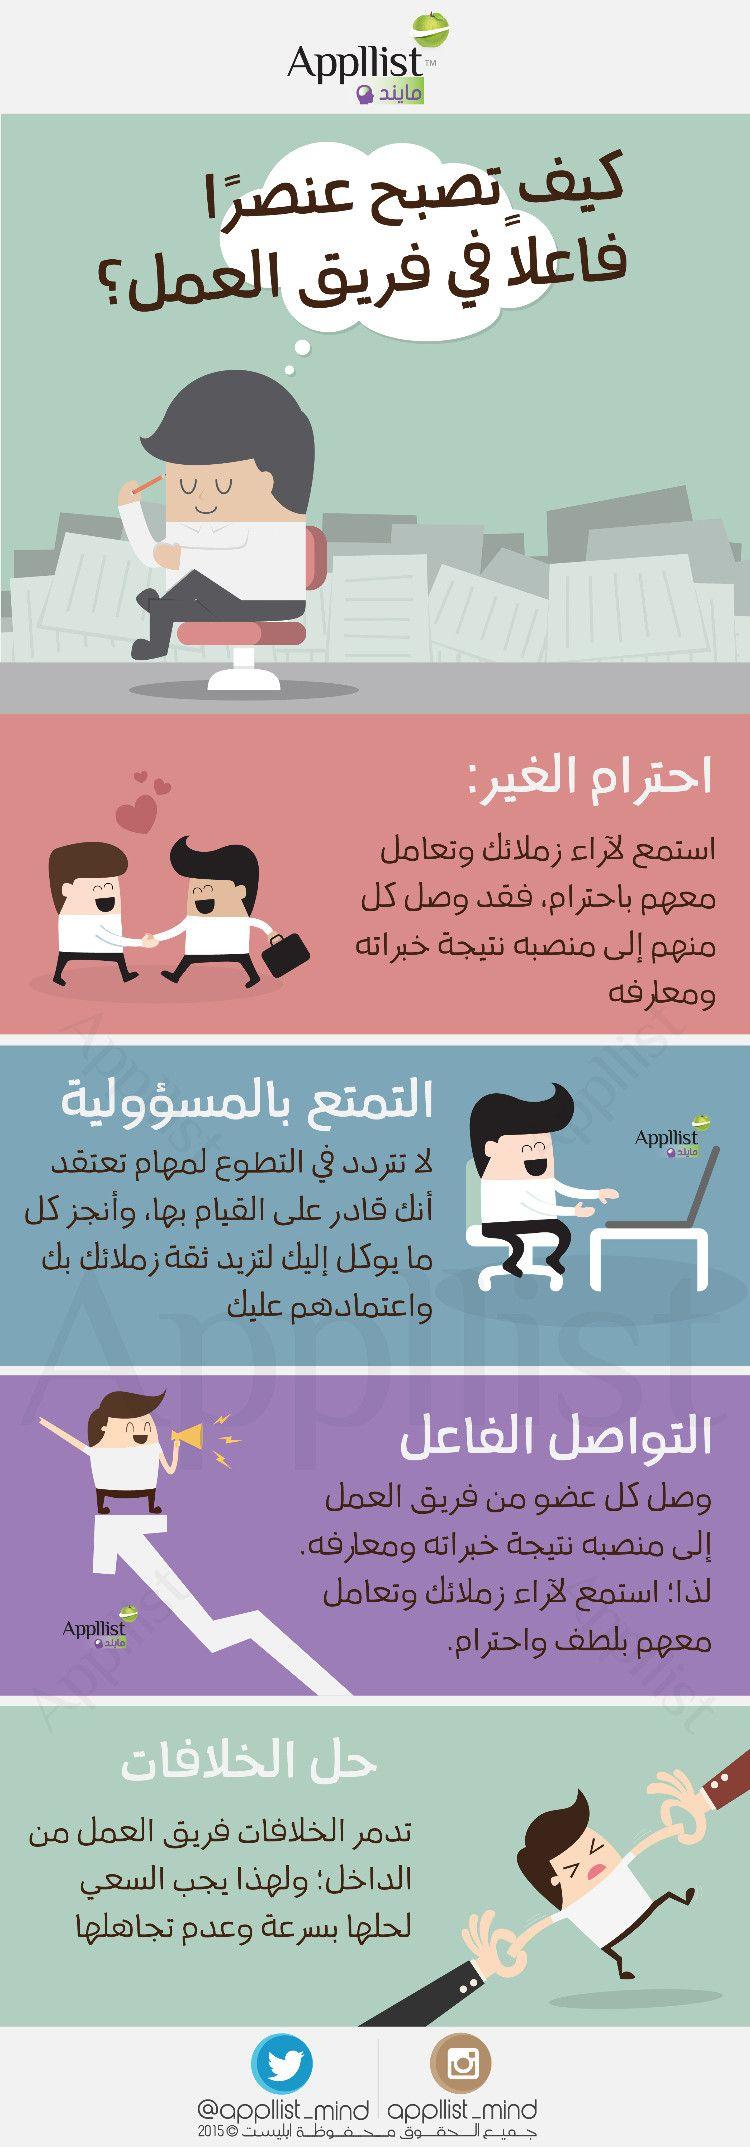 كيف تصبح عنصرا فاعلا ف فريق العمل Self Development Books Learning Websites Life Skills Activities